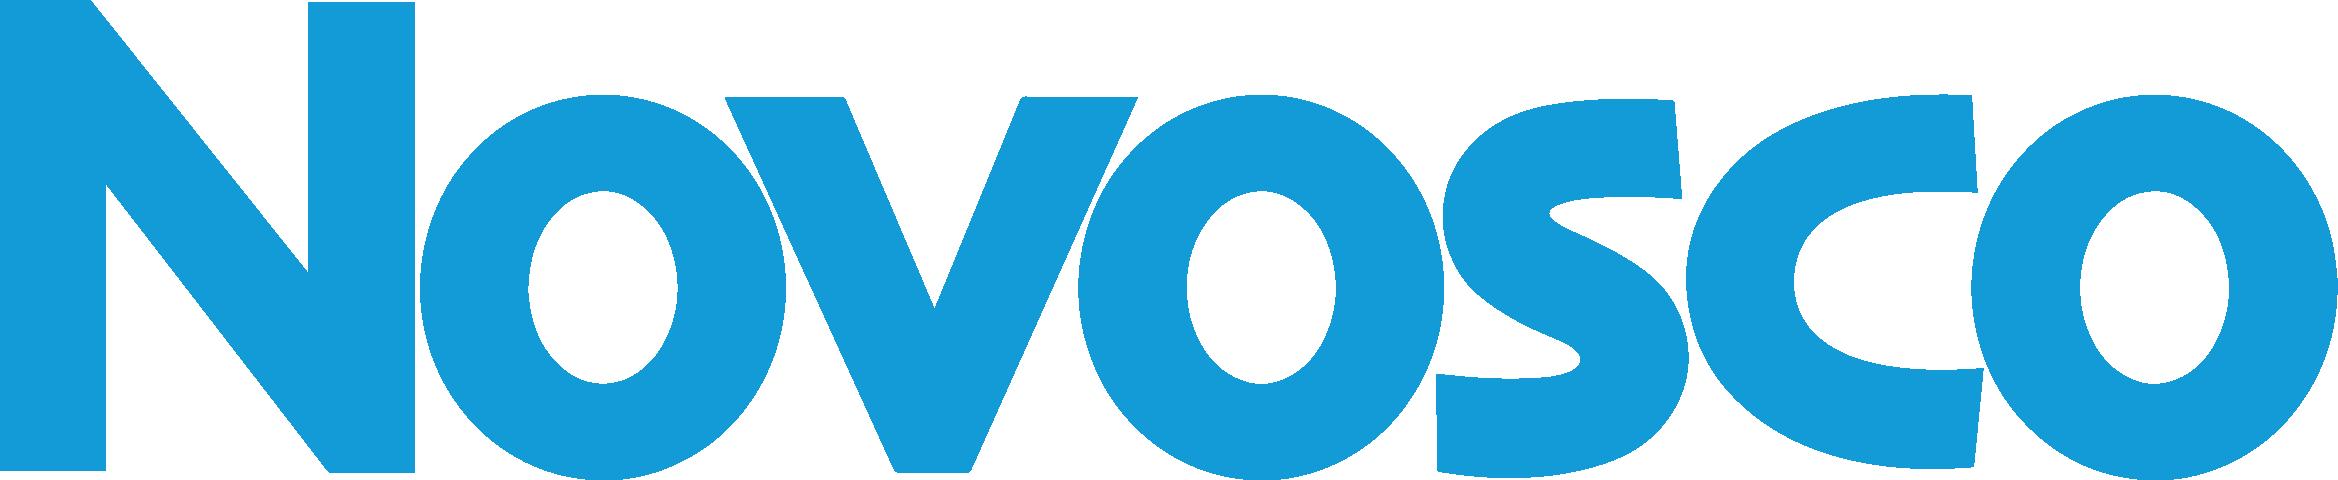 Novosco